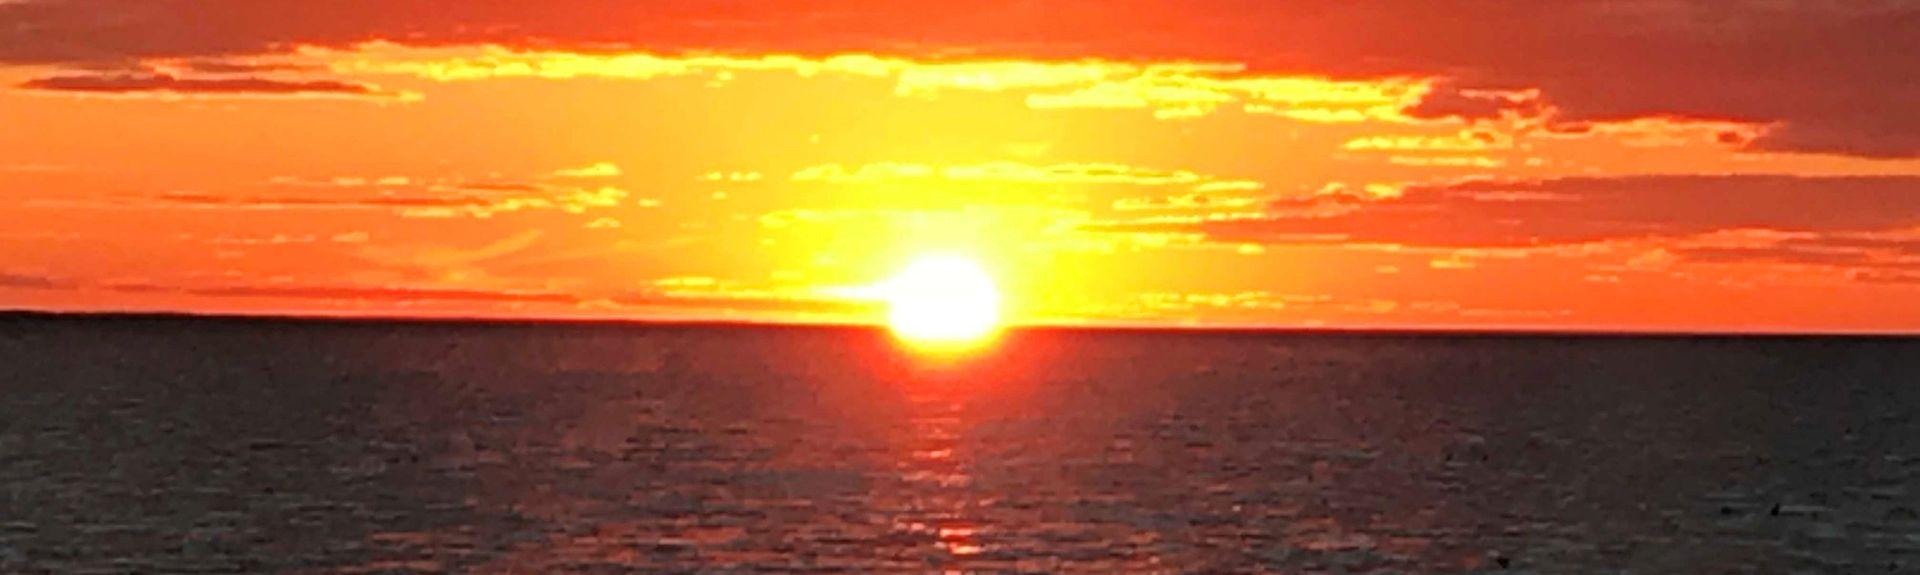 Tuckernuck Island, Massachusetts, États-Unis d'Amérique